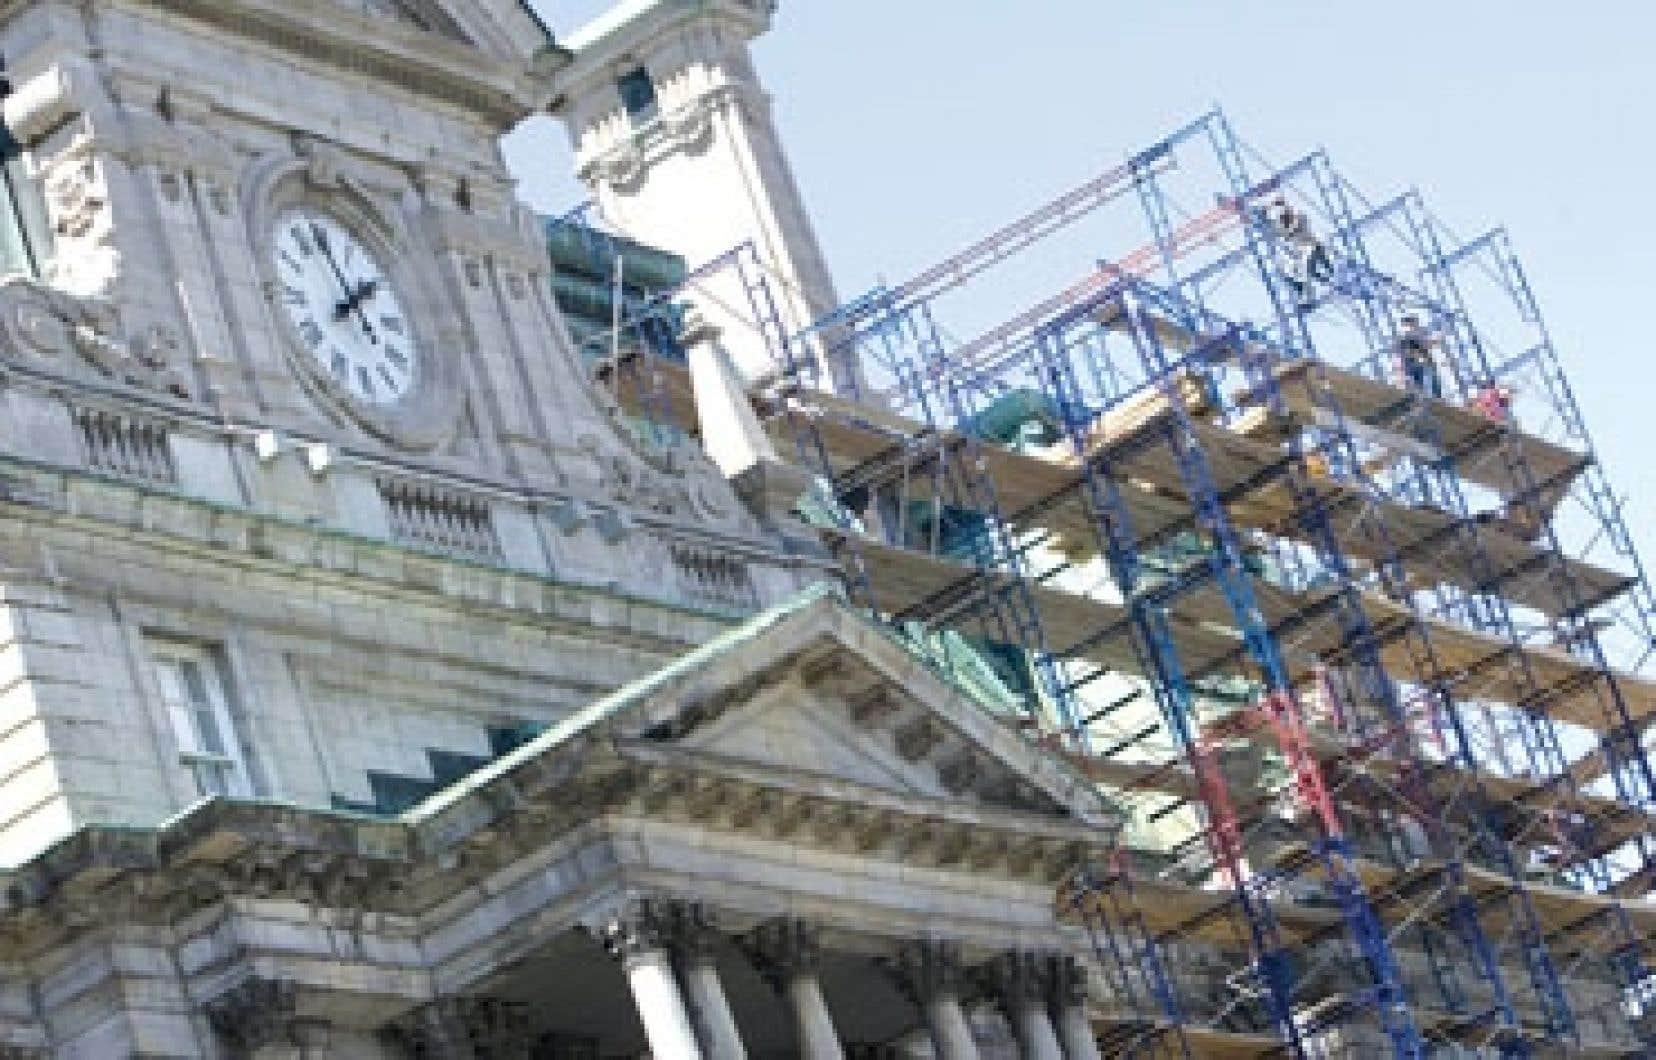 Paul Sauvé affirme avoir décroché un contrat pour la réfection du toit de l'hôtel de ville de Montréal grâce à l'intervention de la mafia.